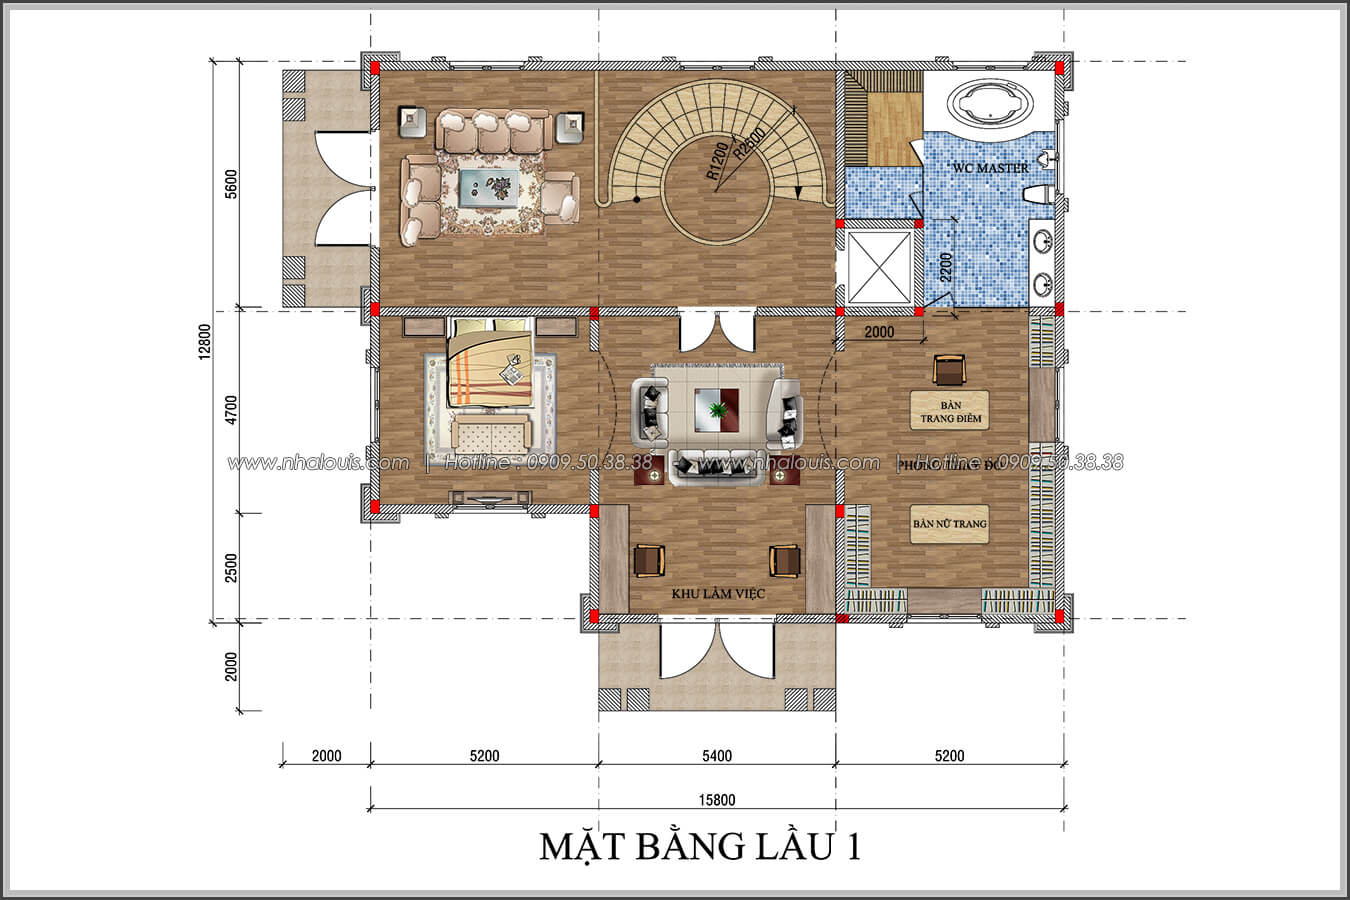 Mặt bằng lầu 1 thiết kế biệt thự có tầng hầm tại Bình Tân - 06